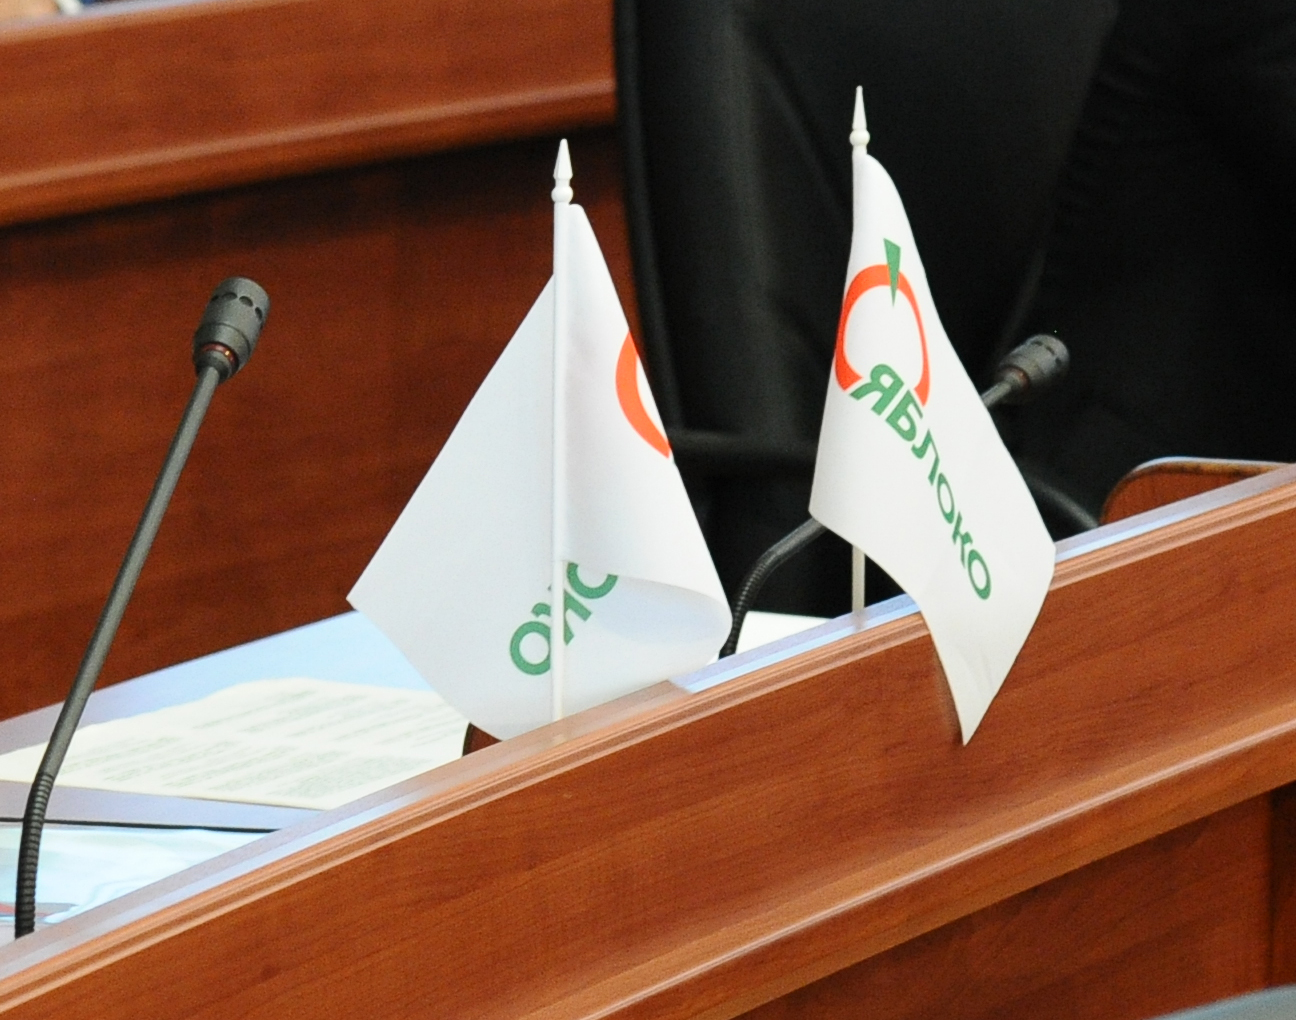 """Удастся ли карельскому """"Яблоку"""" объединить демократические силы региона? Фото: gubdaily.ru"""